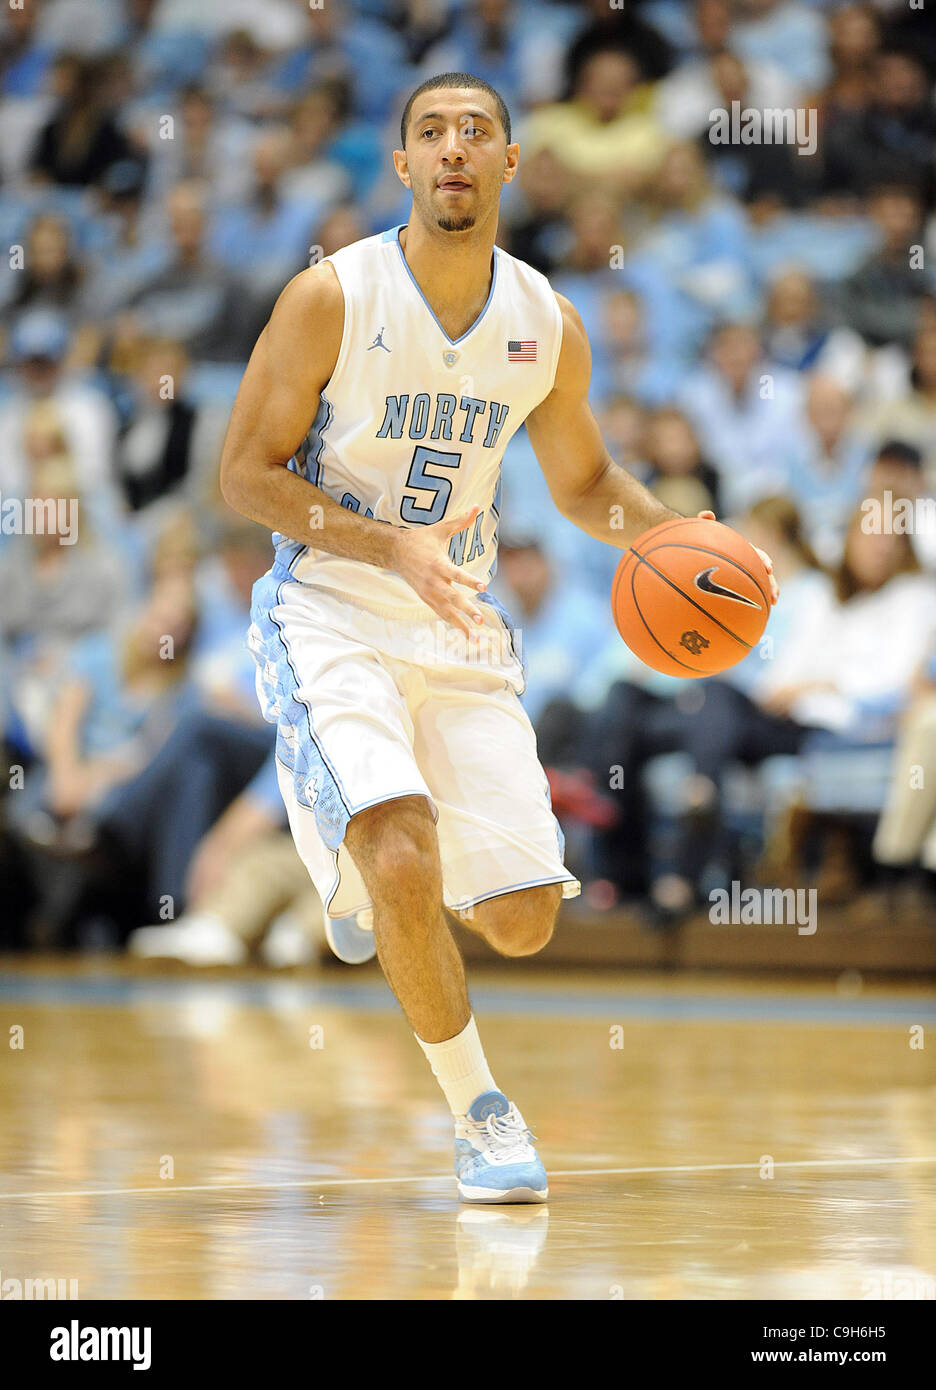 Jan. 01, 2012 - Chapel Hill, North Carolina; USA -  North Carolina Tarheels (5) KENDALL MARSHALL drives to the basket - Stock Image